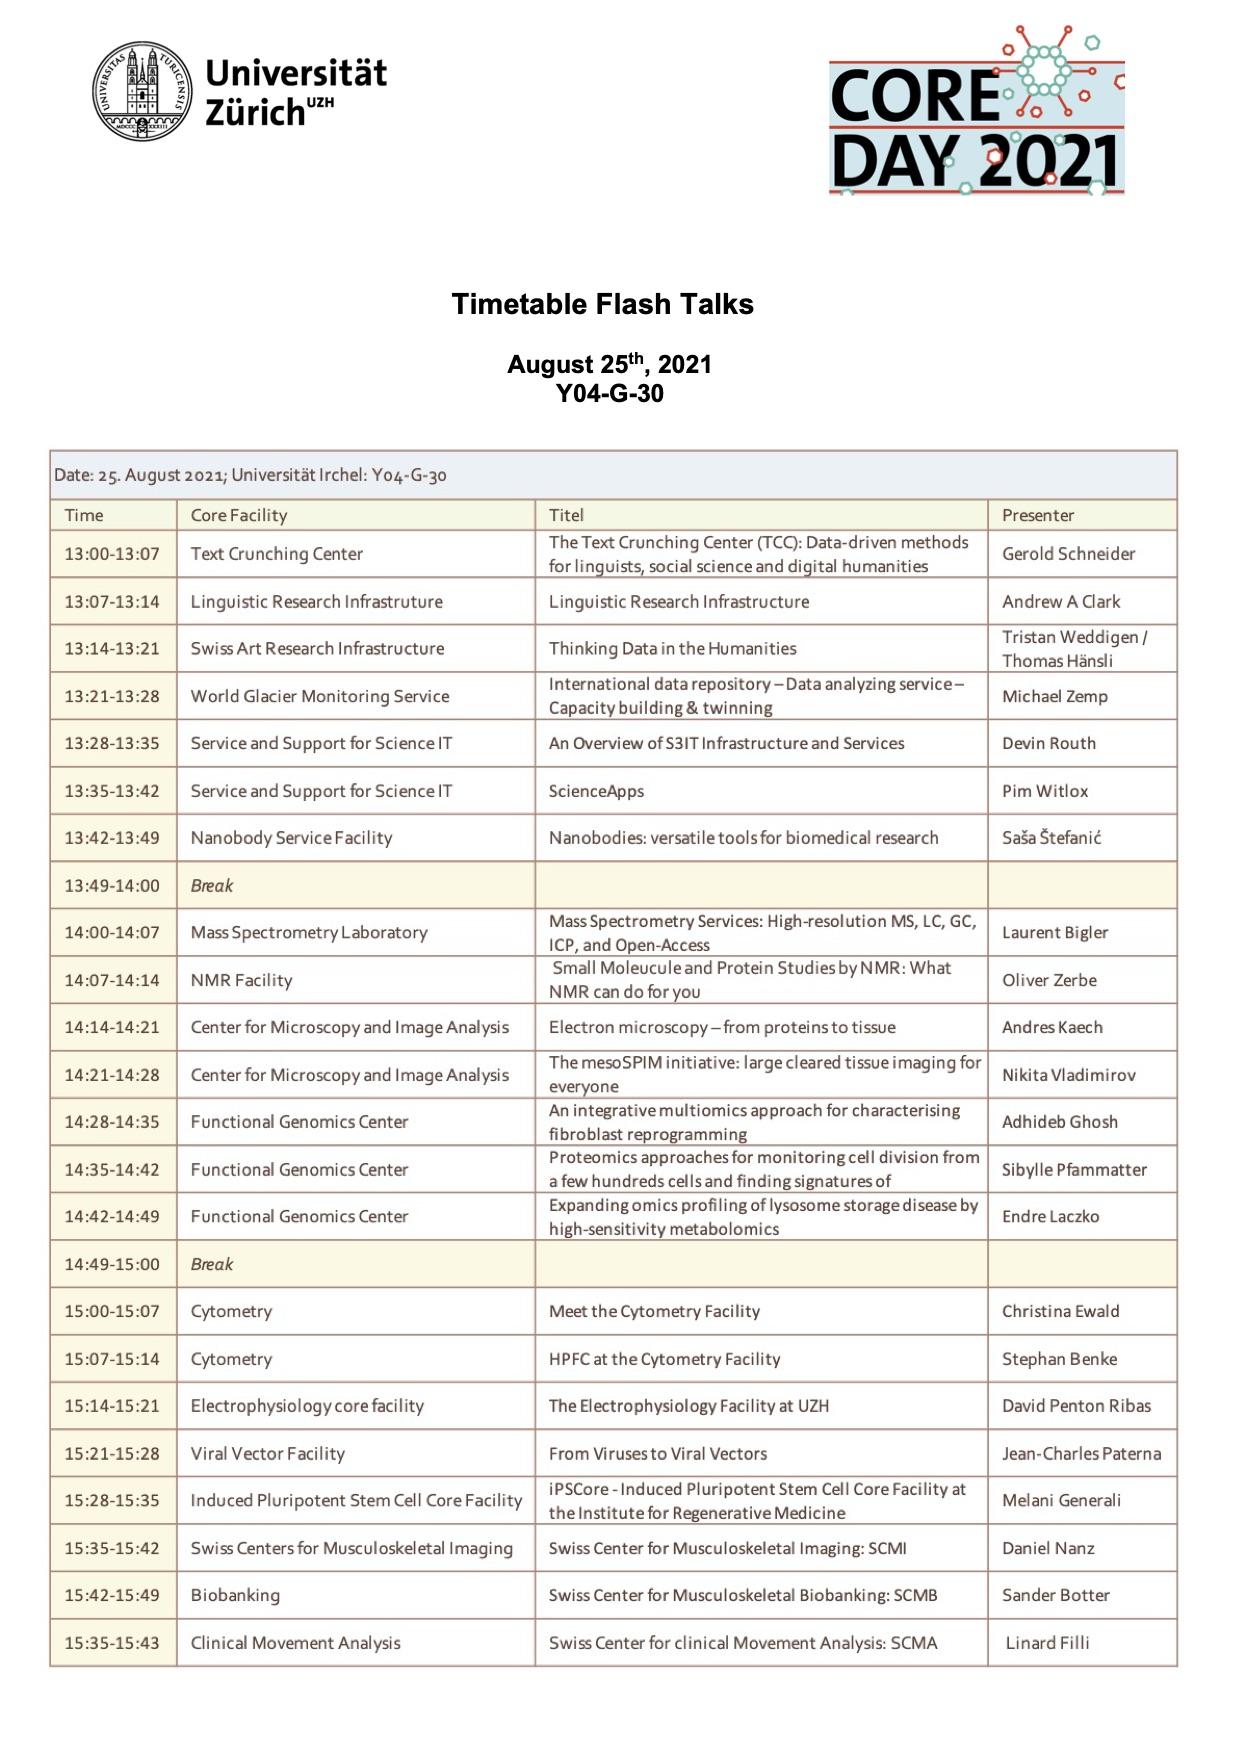 Schedule Flash Talks